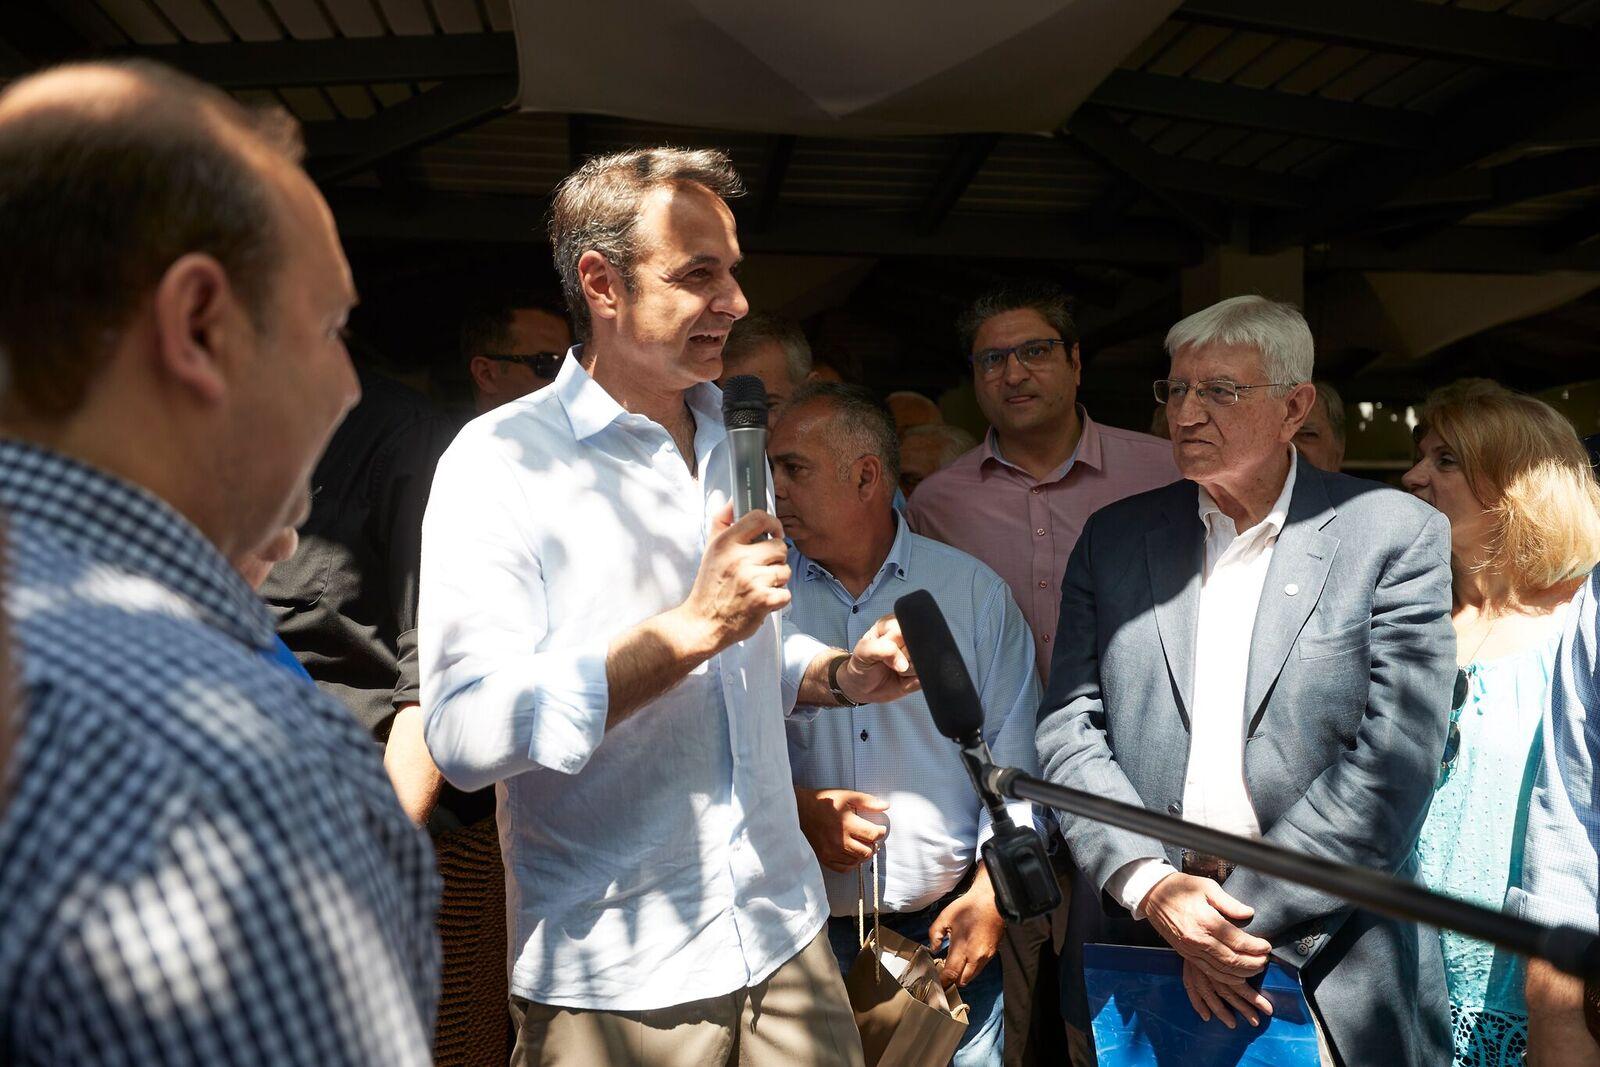 Κ. Μητσοτάκης: Μόνο ενωμένοι και με ισχυρή ανάπτυξη θα πάμε μπροστά